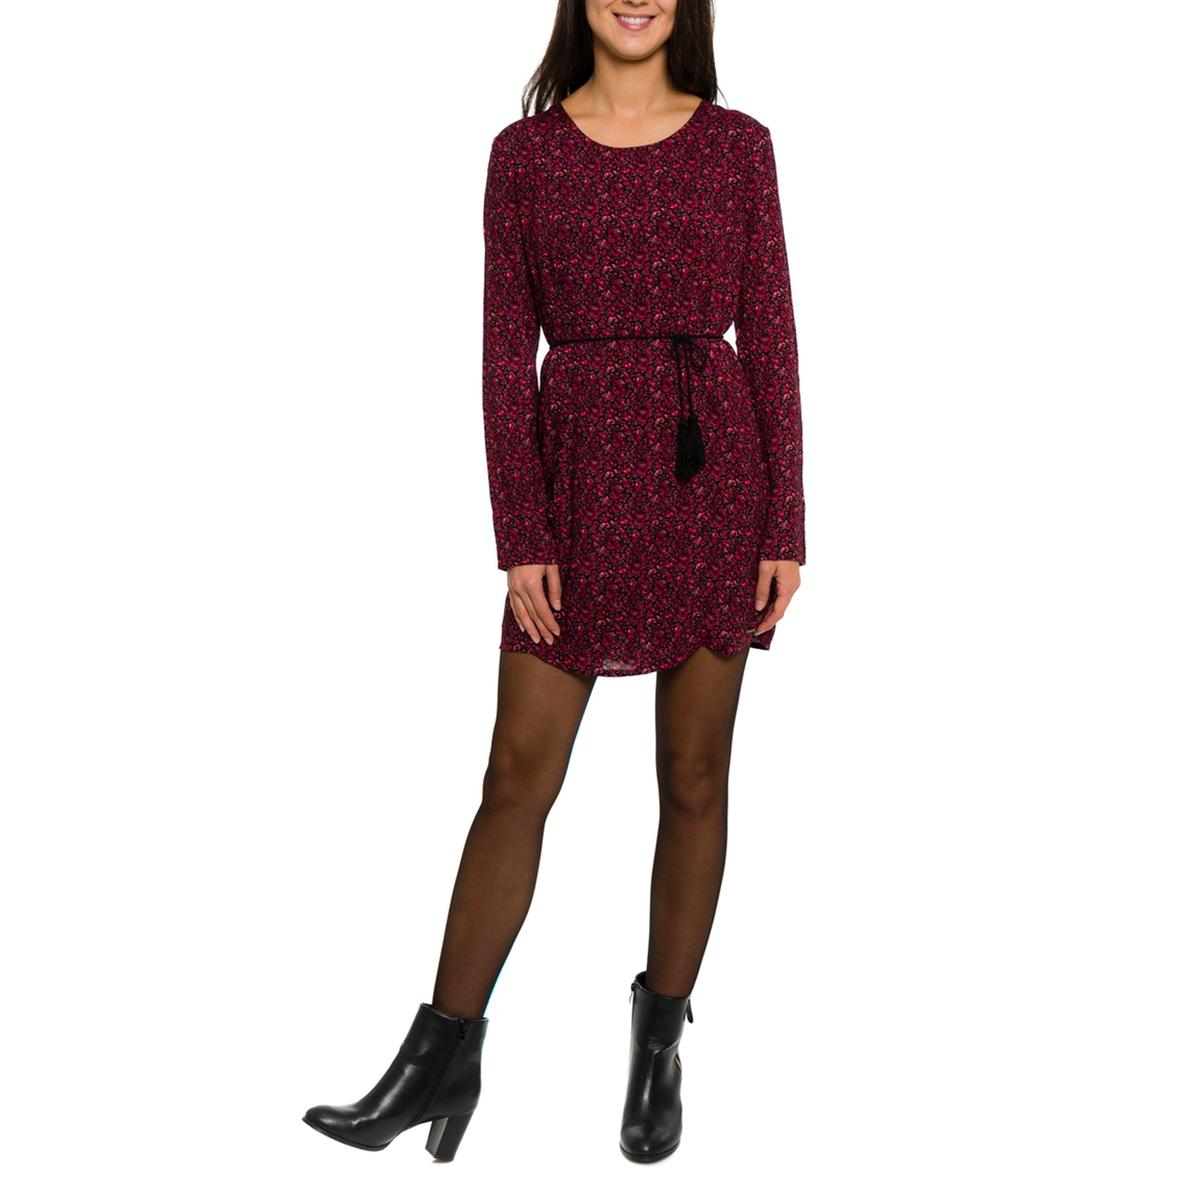 Платье с рисунком и длинными рукавамиСостав и описание:Материал: 50% вискозы, 50% полиэстера.Марка: PARAMITA.<br><br>Цвет: бордовый/цветочный рисунок<br>Размер: M.L